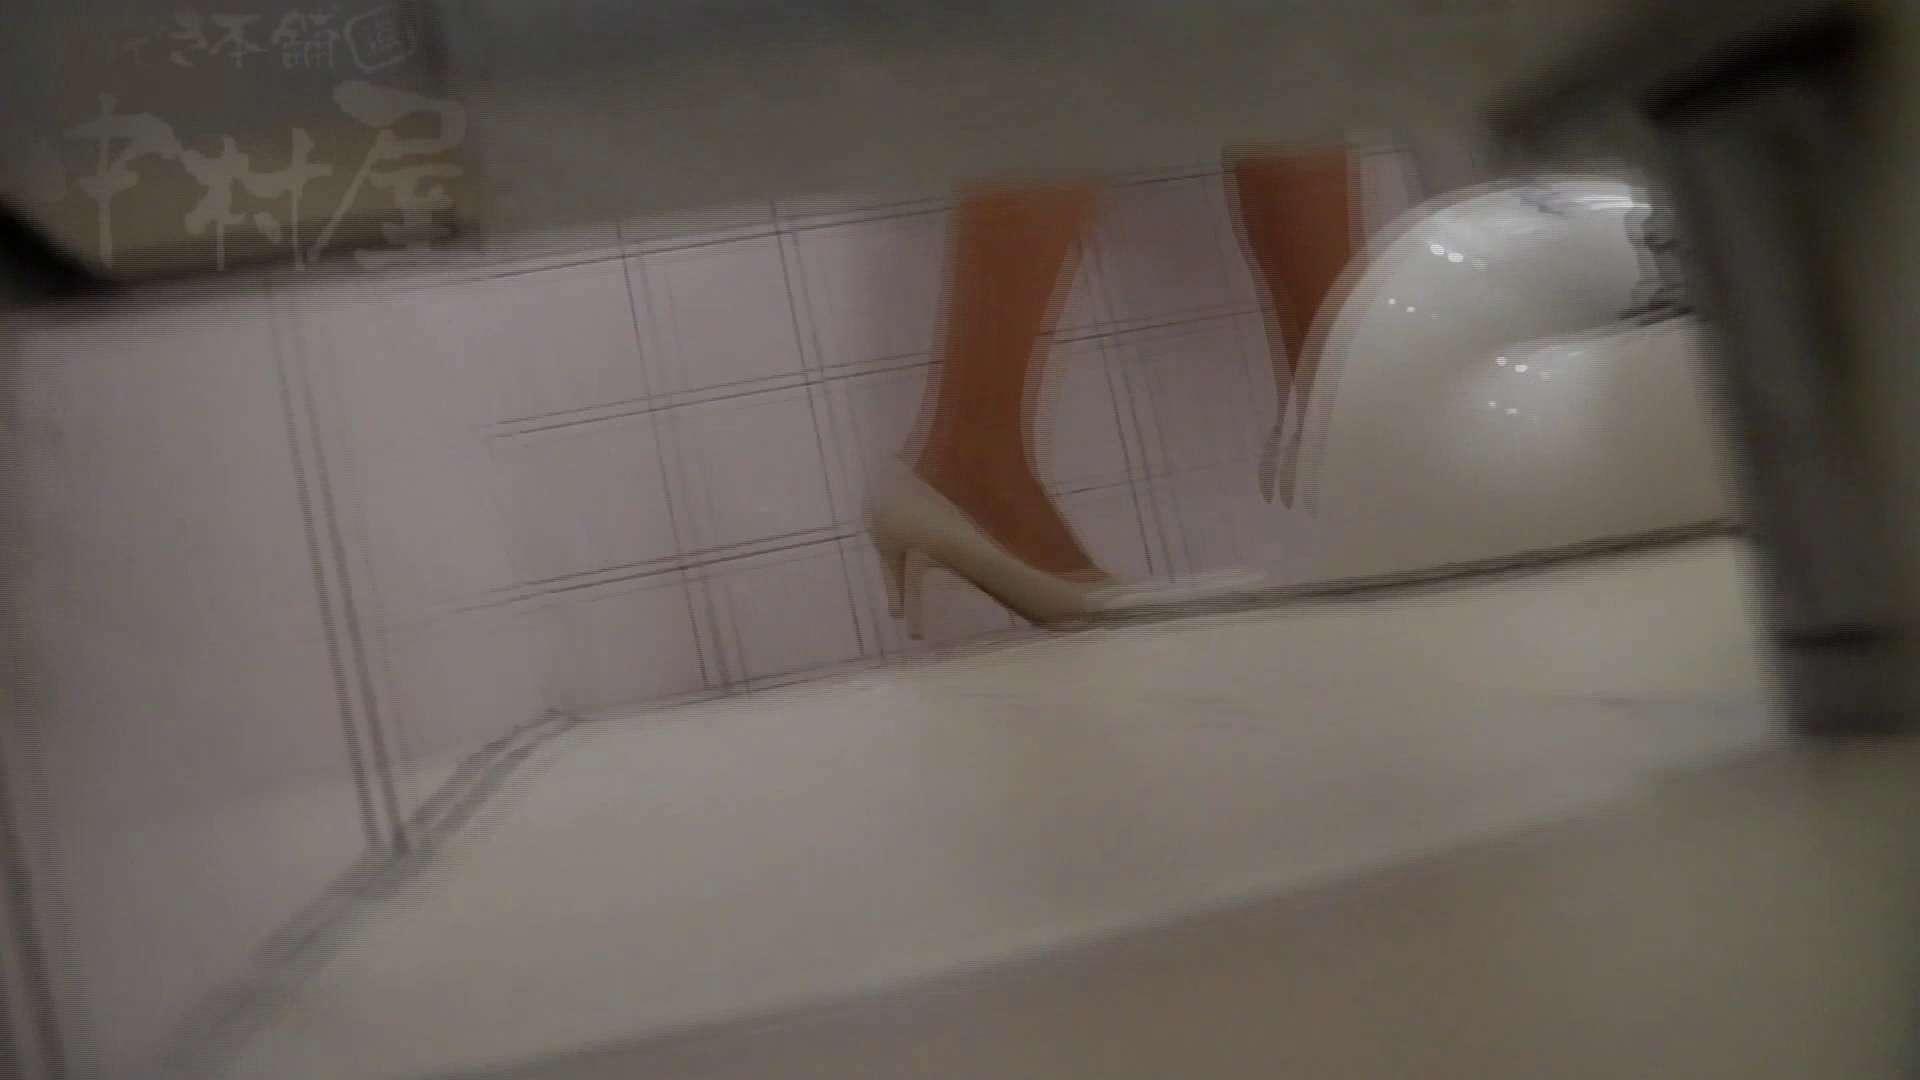 美しい日本の未来 No.20 感謝の気持ちを込めてサプライズ価格!! 女子トイレ 隠し撮りオマンコ動画紹介 80PICs 53